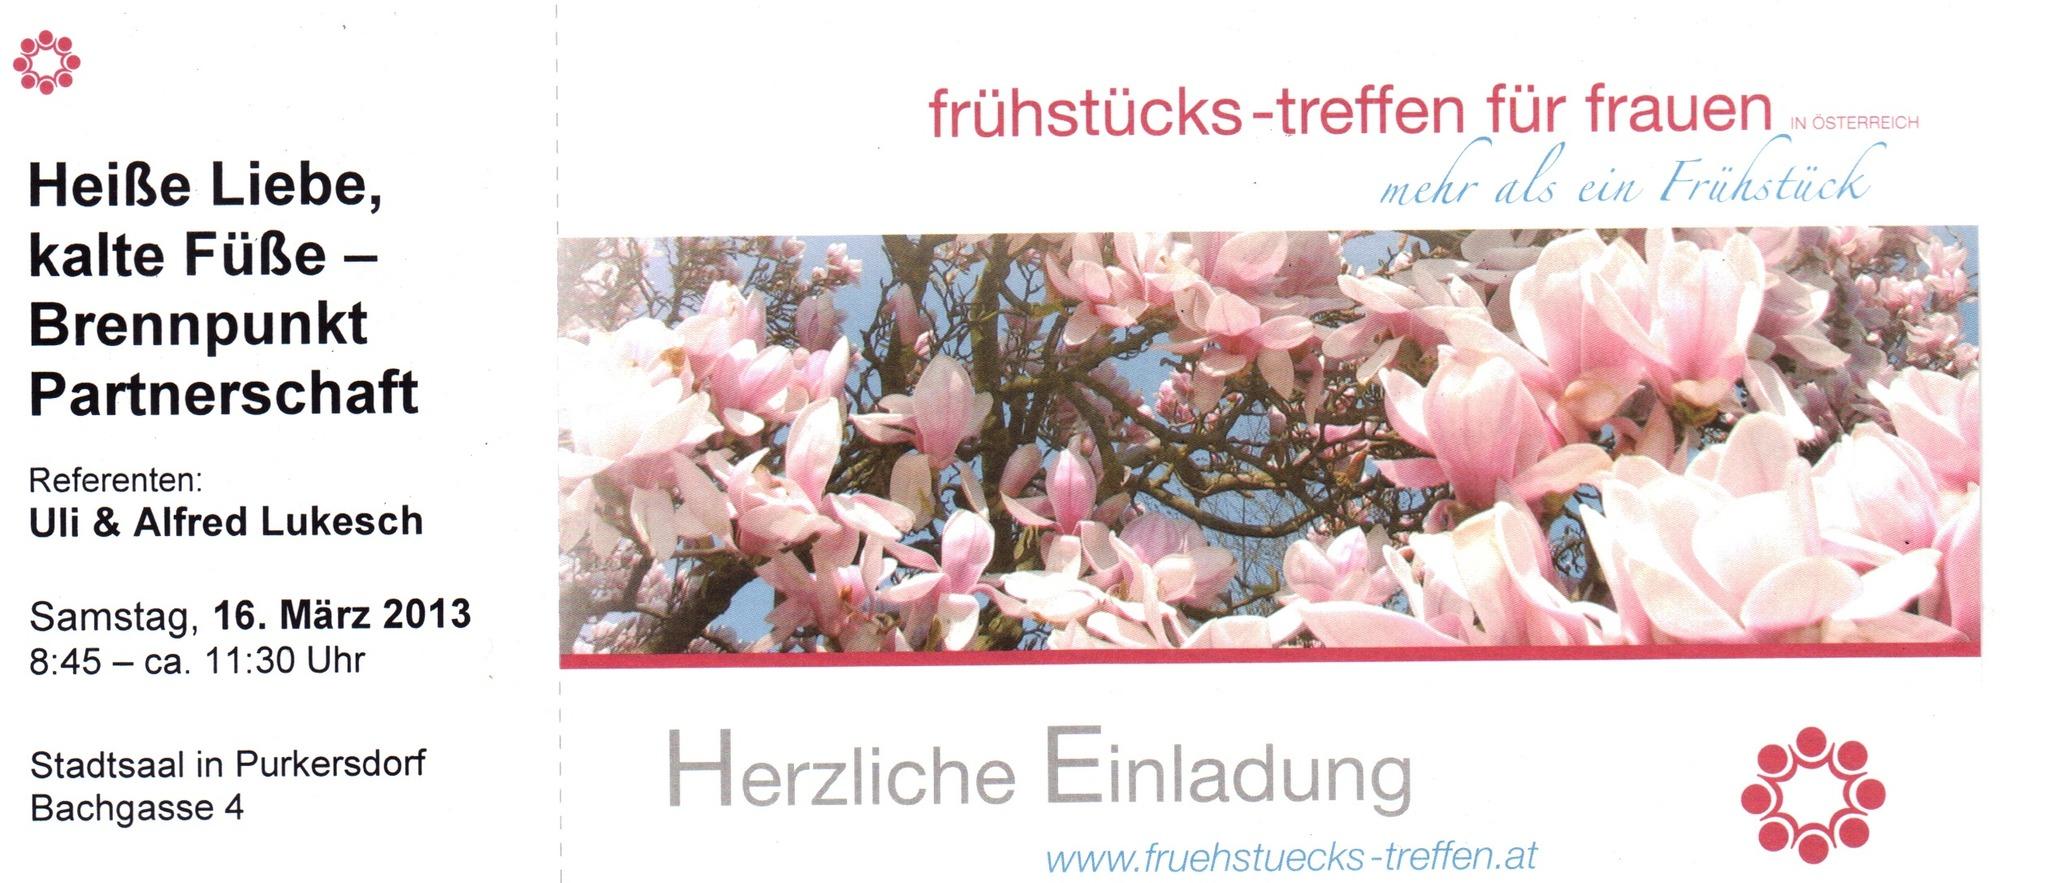 Frhstcks-Treffen fr Frauen: Sicher in unsicheren - recognition-software.com